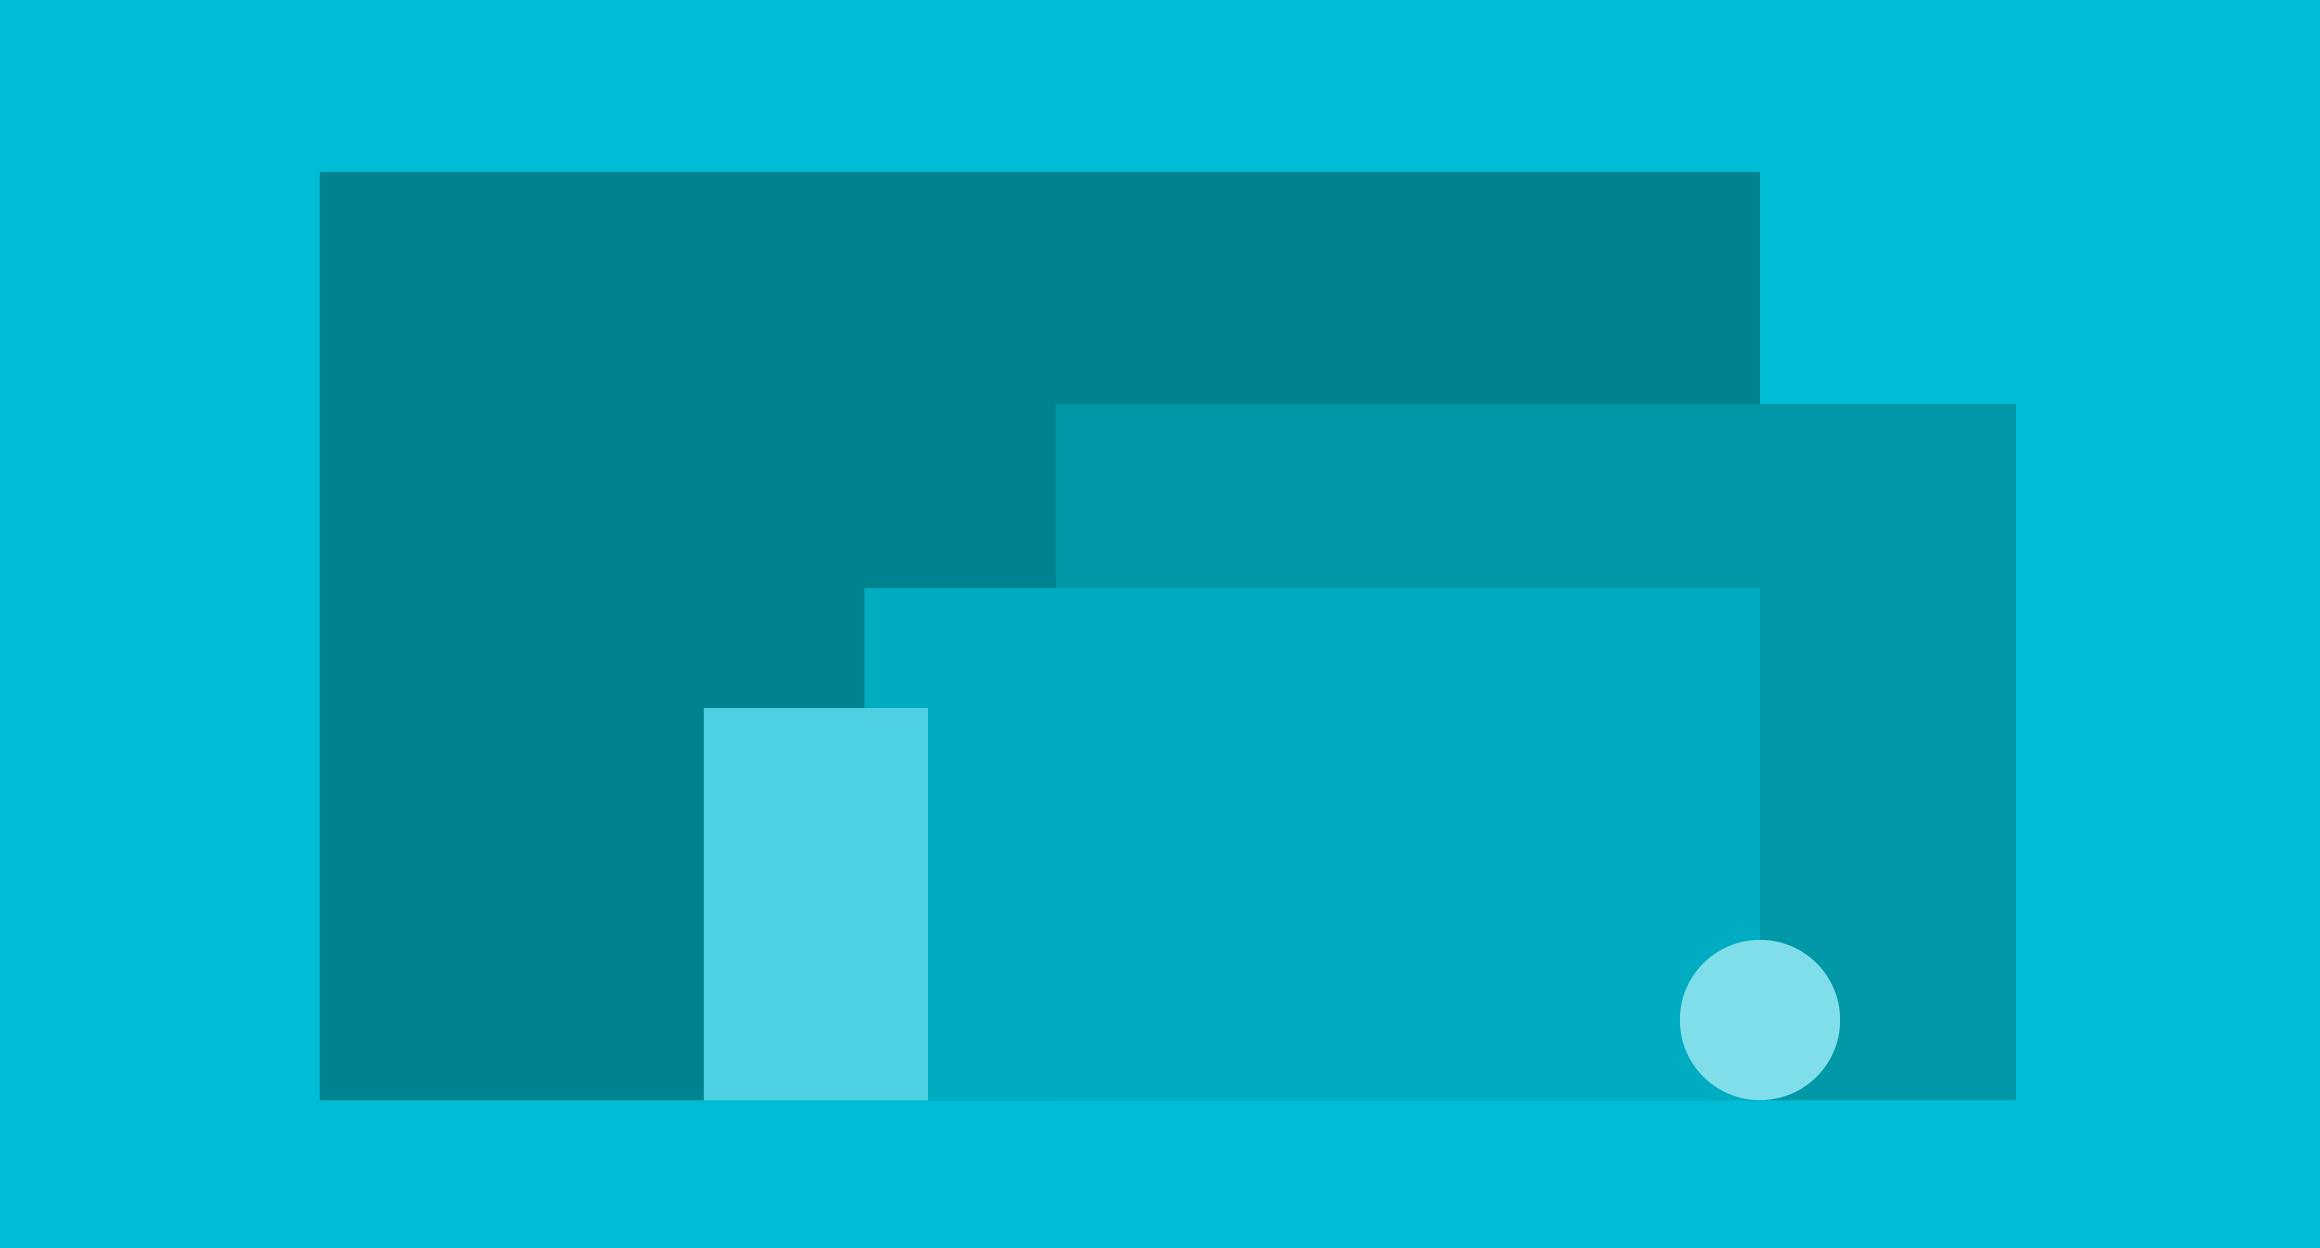 15 Free Material Design Frameworks for Developers 2018 - Colorlib